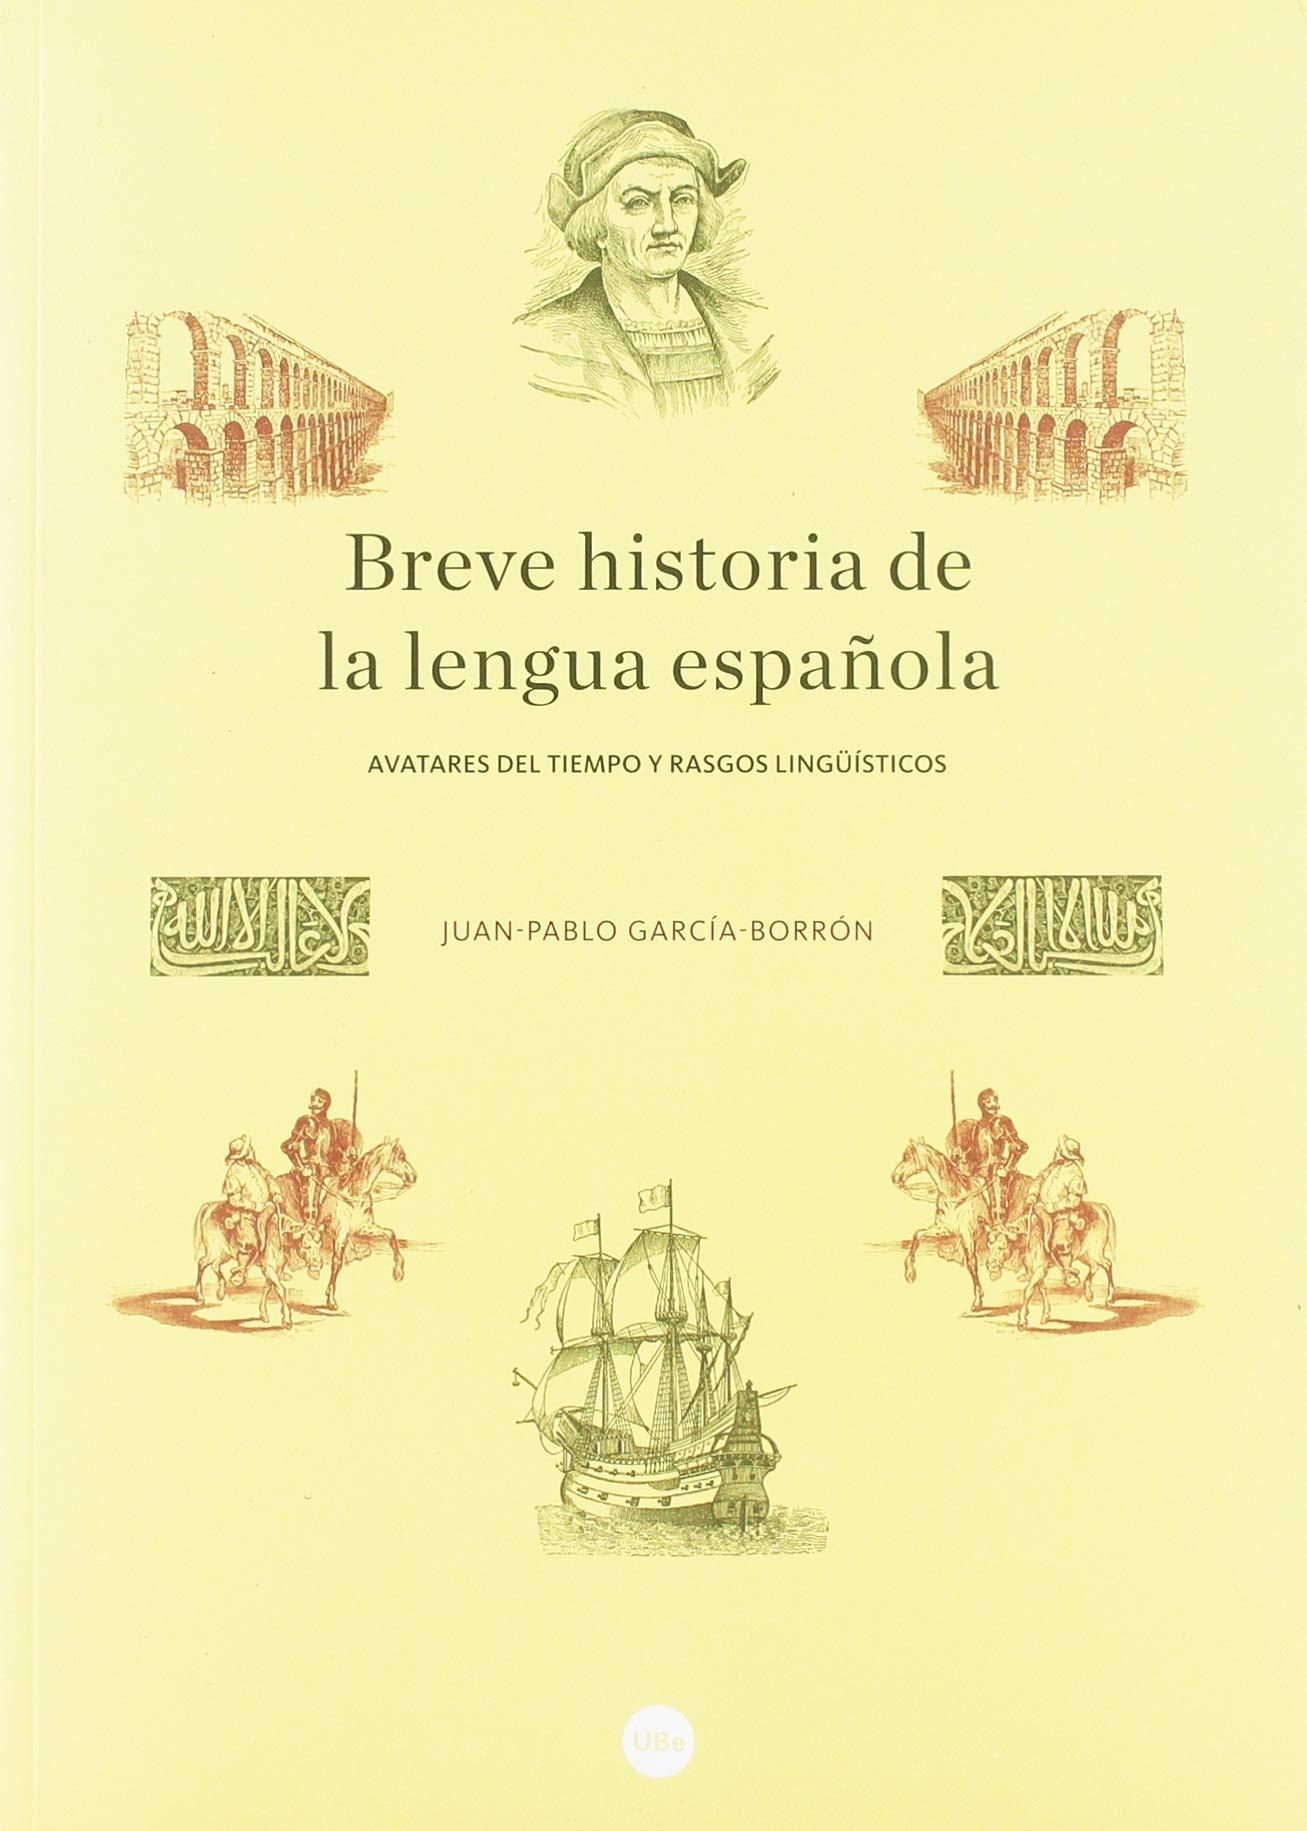 BREVE HISTORIA DE LA LENGUA ESPAÑOLA BIBLIOTECA UNIVERSITÀRIA: Amazon.es: García Borrón, Juan-Pablo: Libros